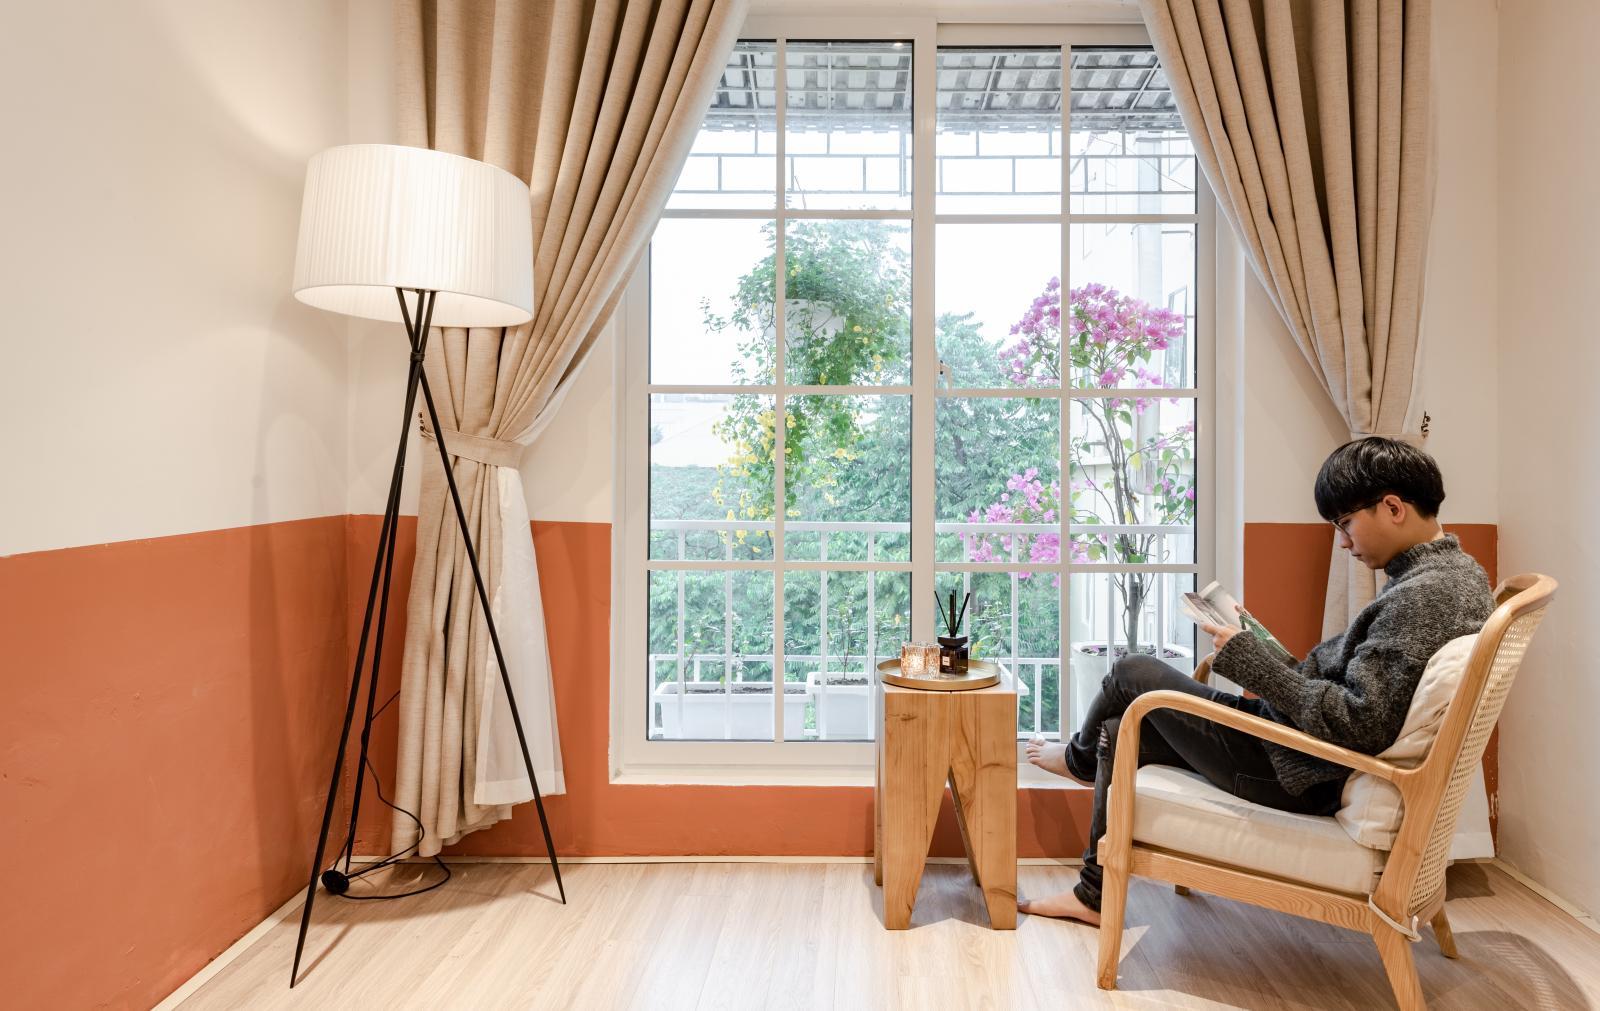 Góc thư giãn lãng mạn bên cửa sổ phòng ngủ